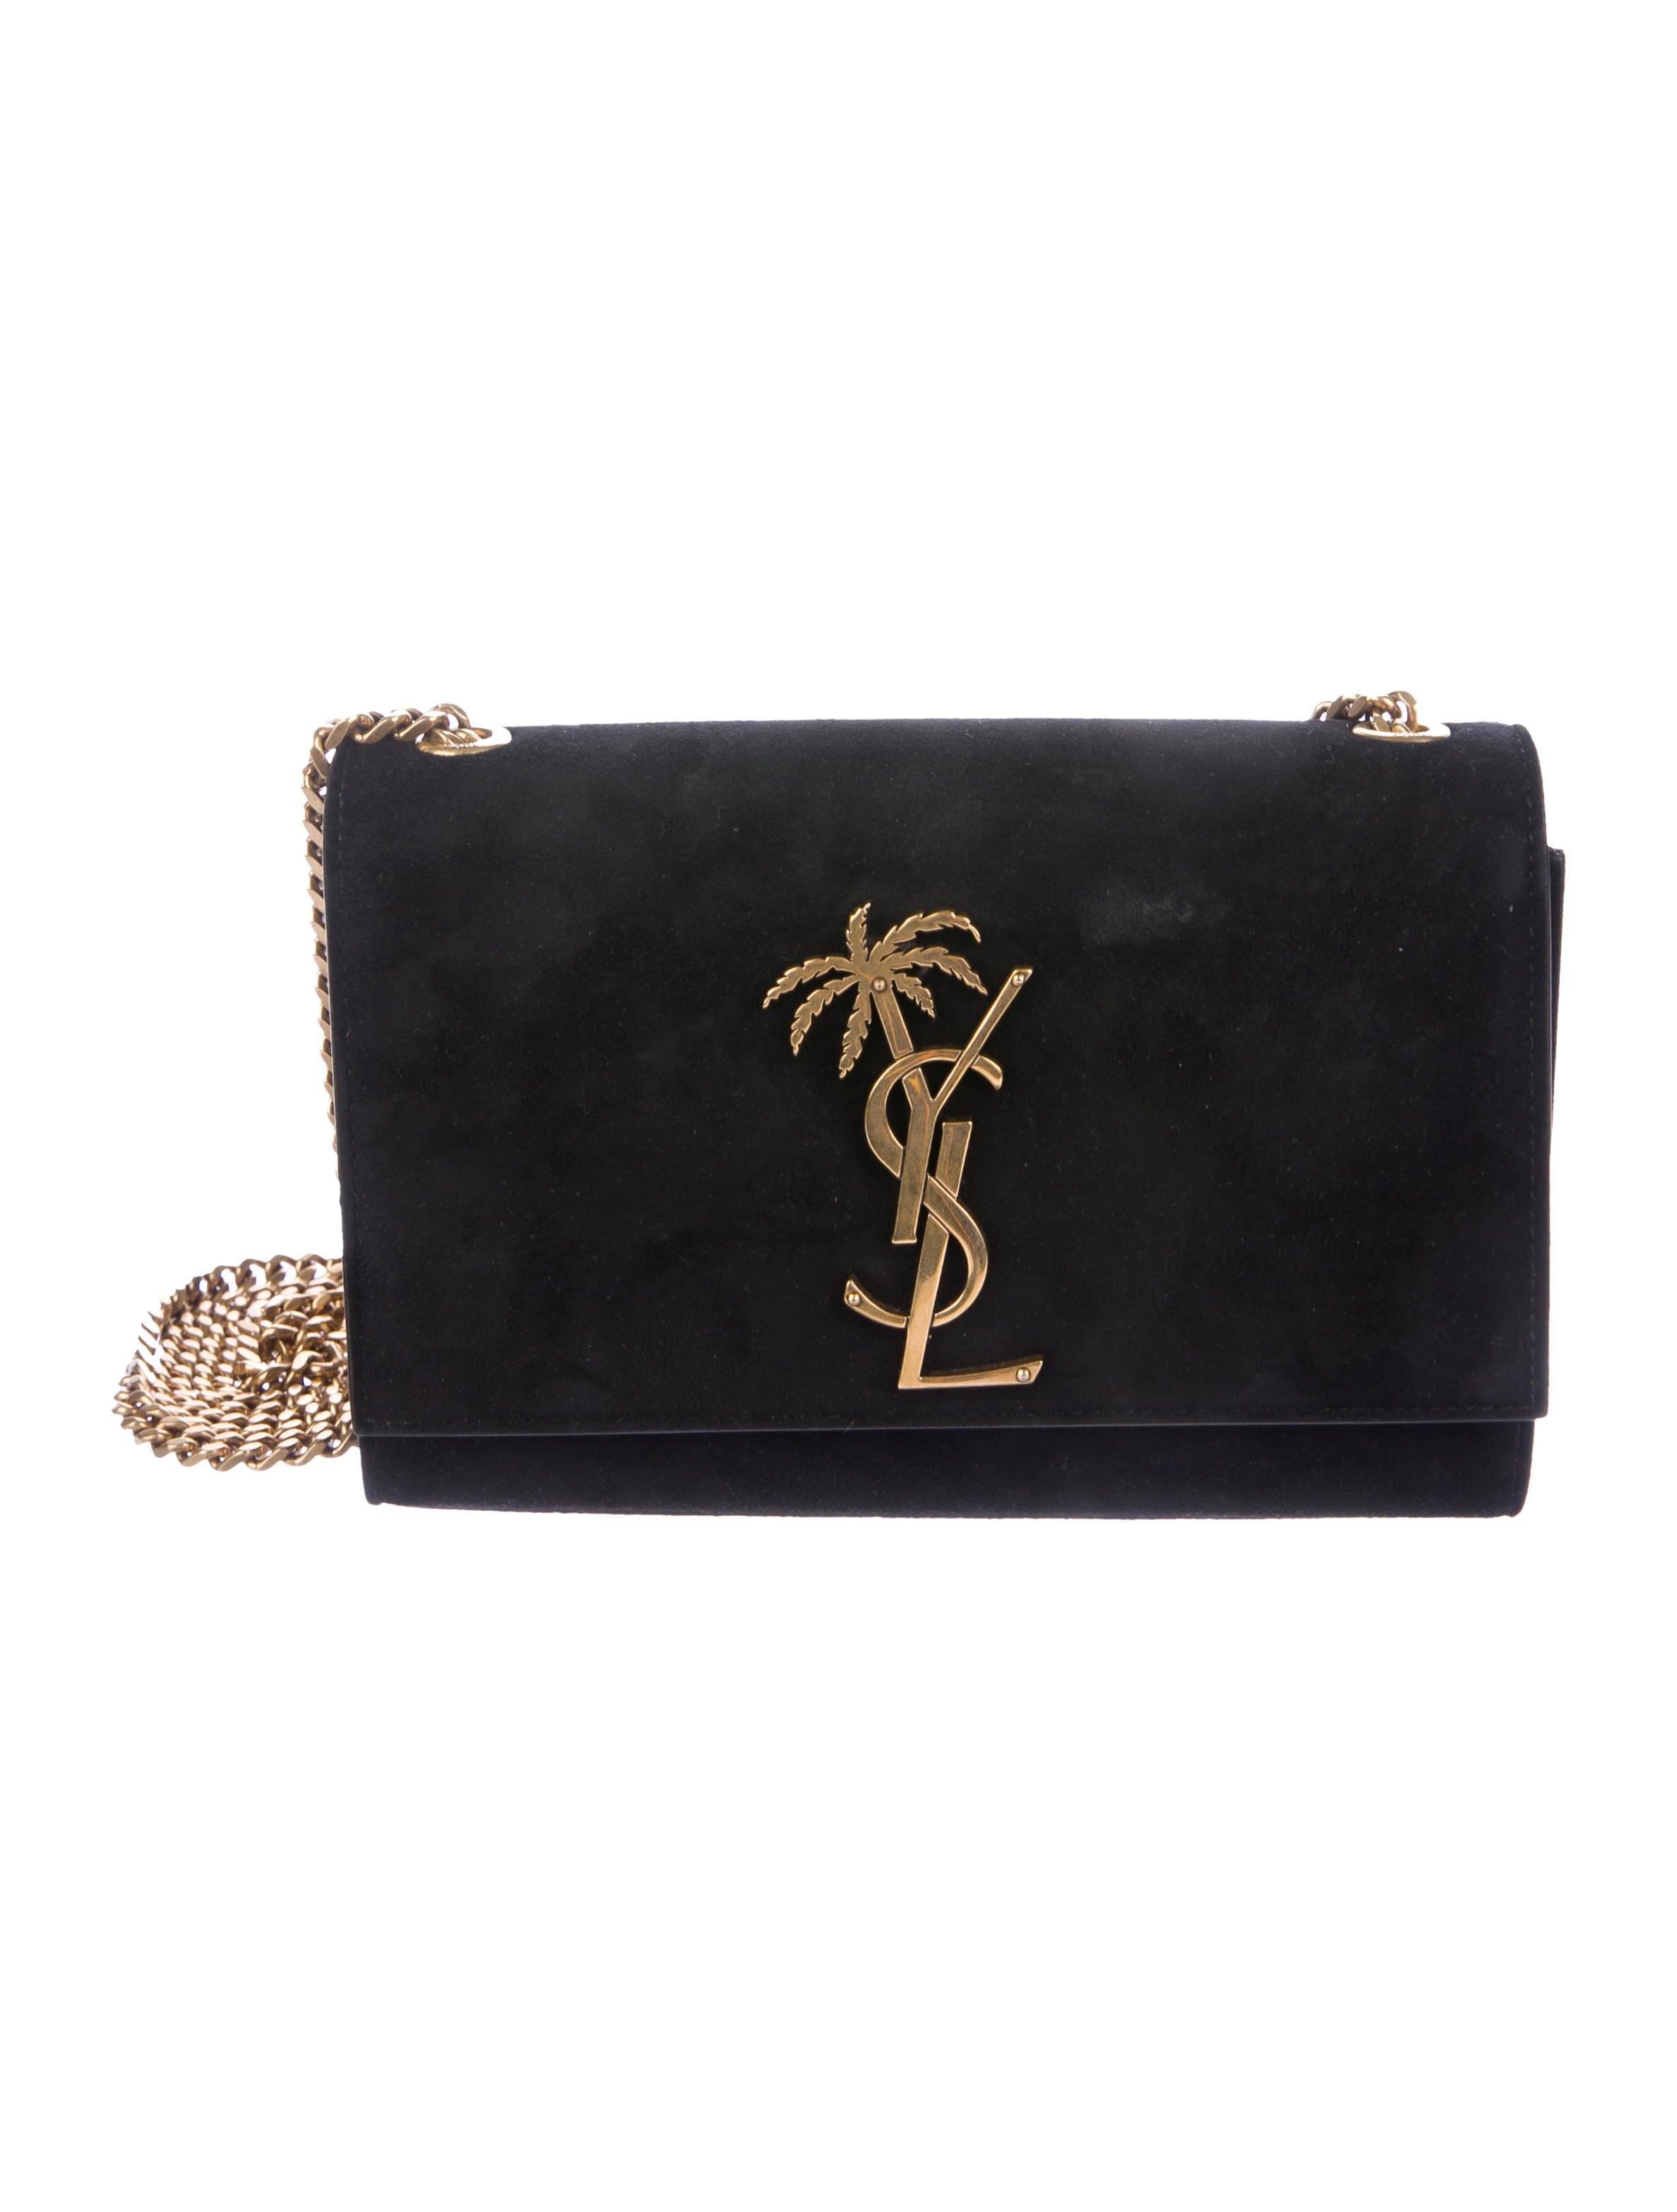 6a52e6048a5e Crossbody Bags | The RealReal